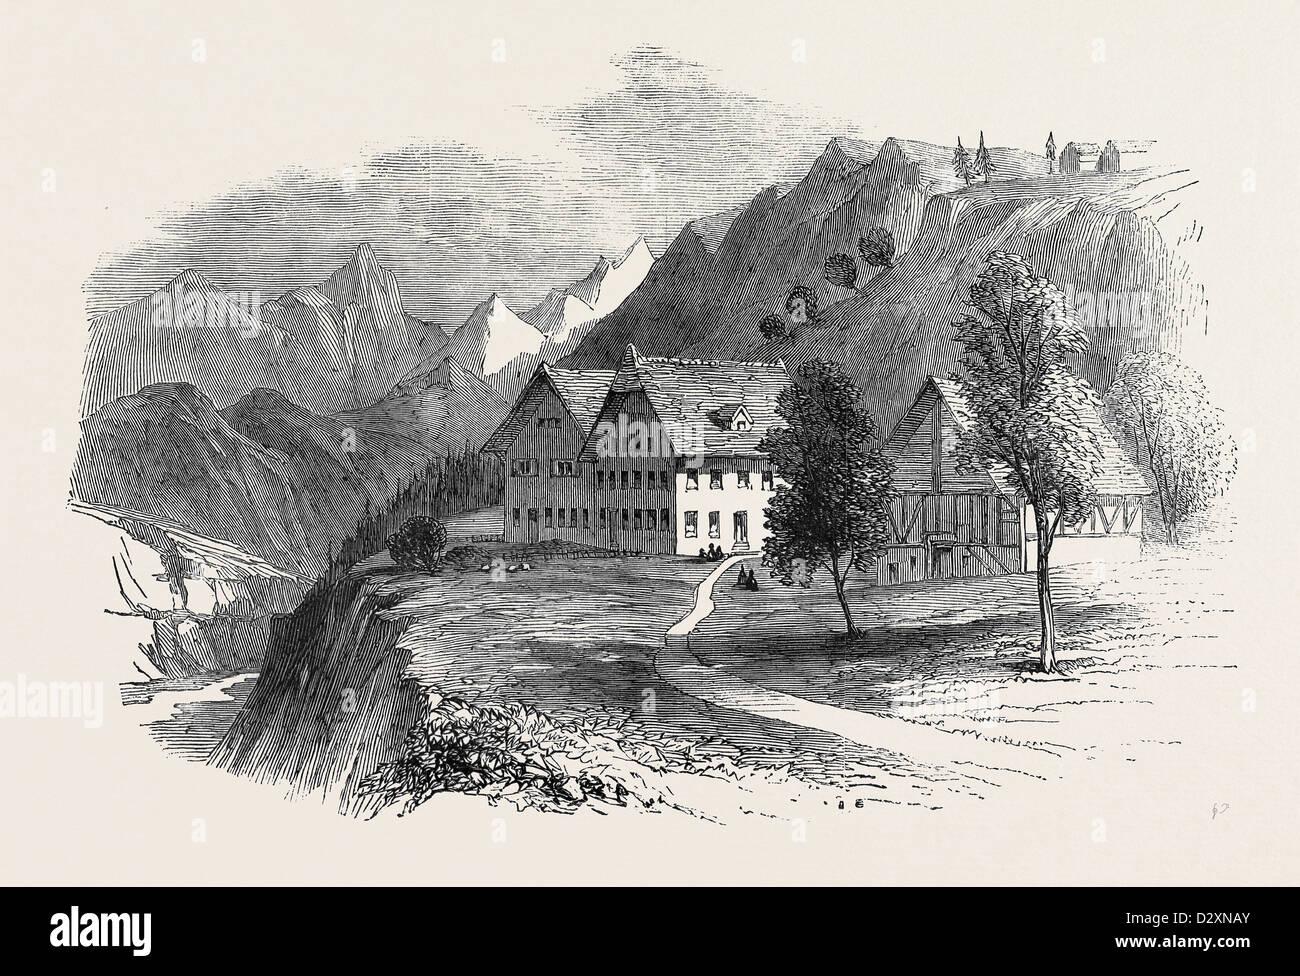 INSTITUTION FOR CRETINS AT INTERLACKEN, SWITZERLAND - Stock Image